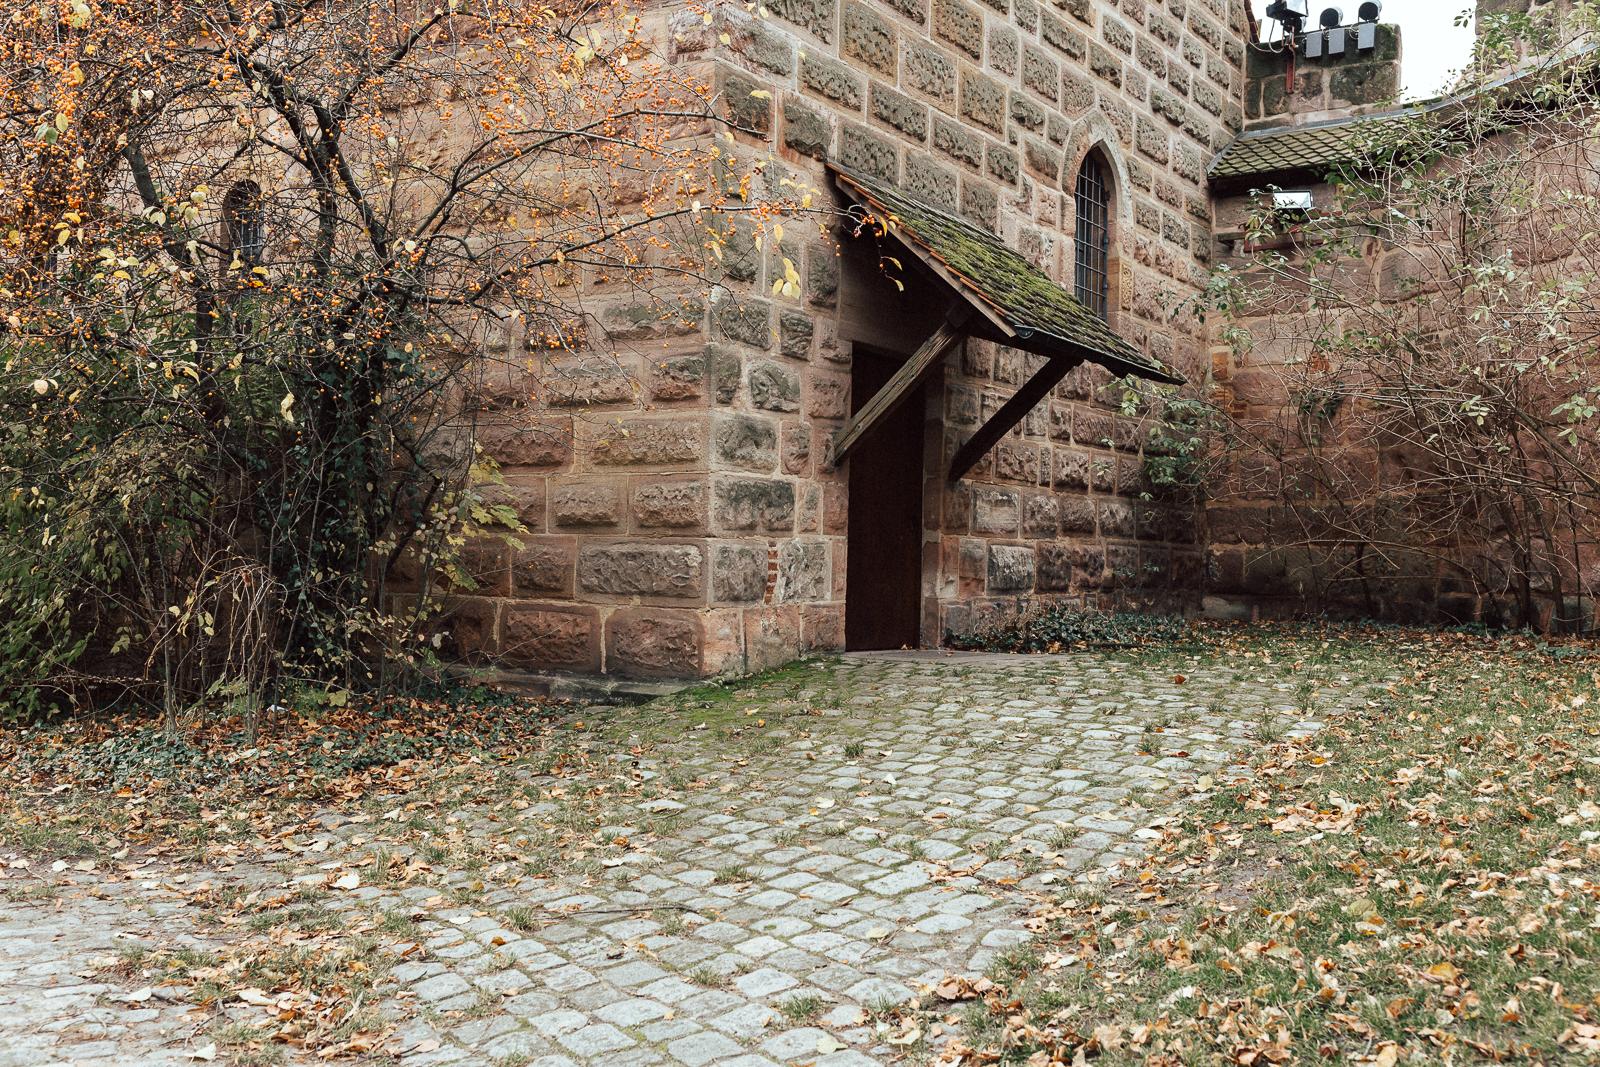 URBANERIE_Daniela_Goth_Fotografin_Nürnberg_Fürth_Erlangen_Schwabach_171110_001_0037